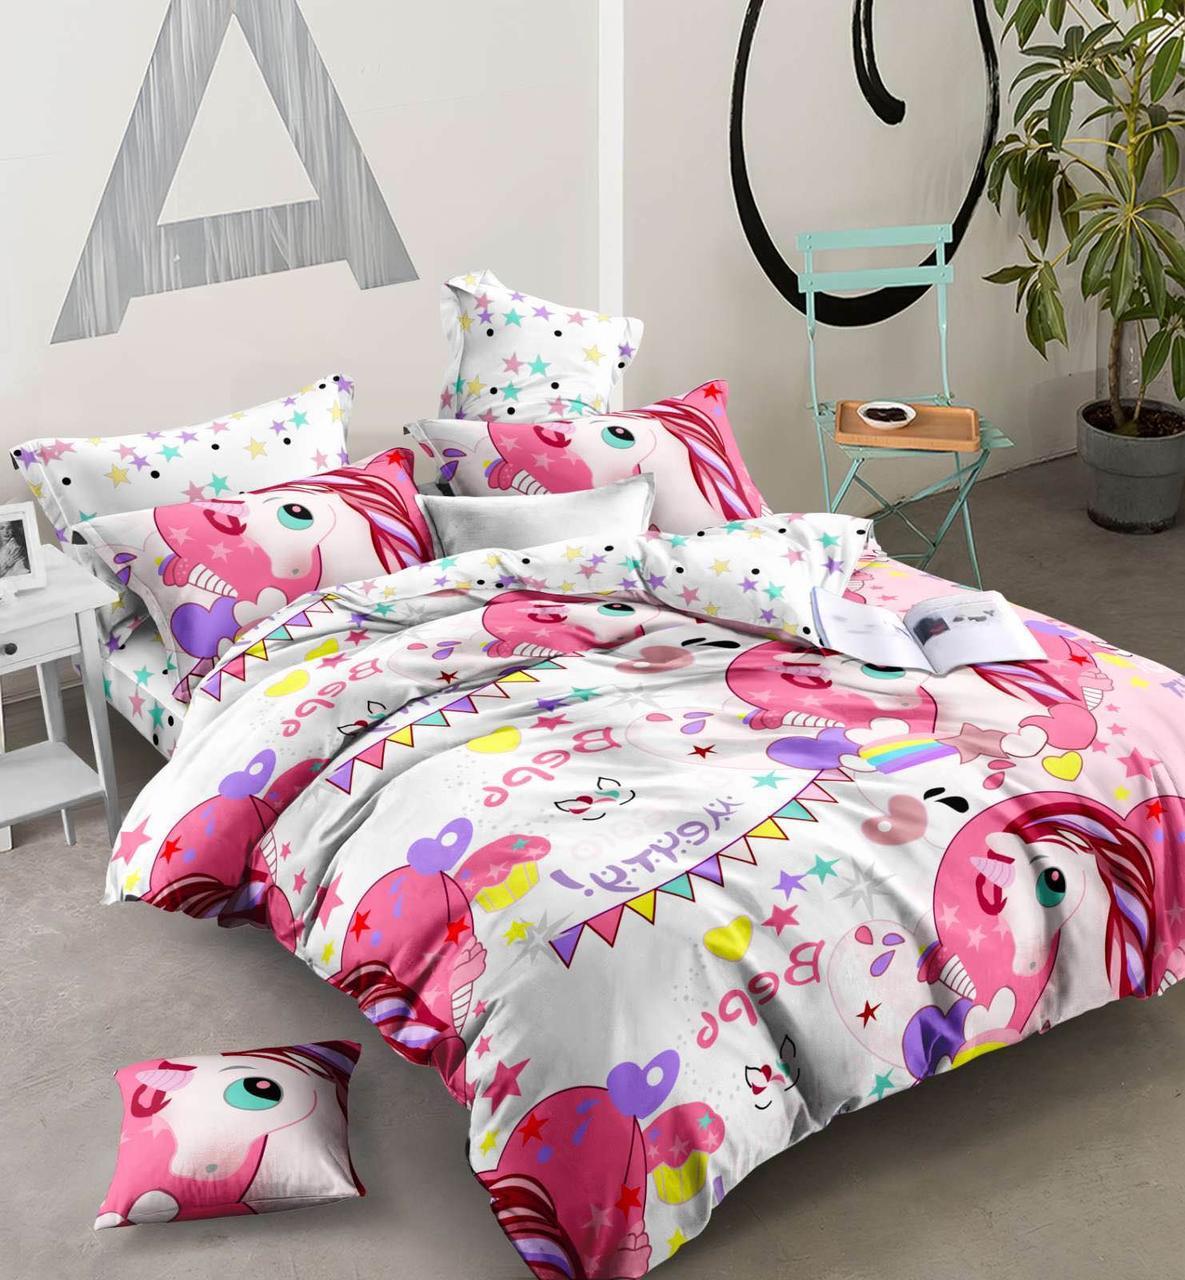 Яркое детское постельное белье единорожки пони